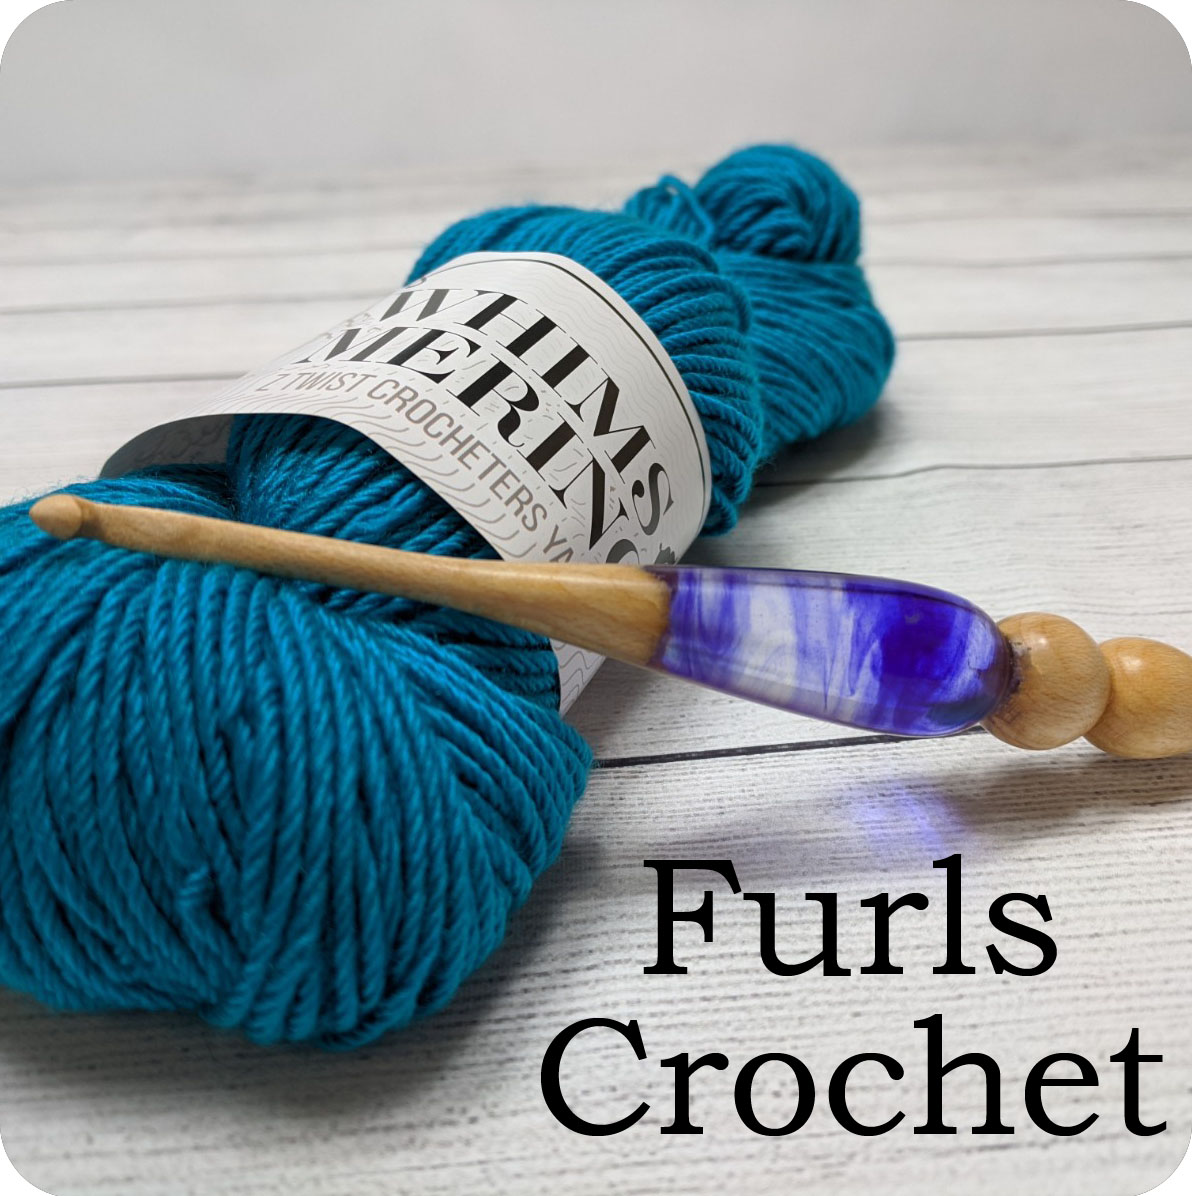 Furls Crochet